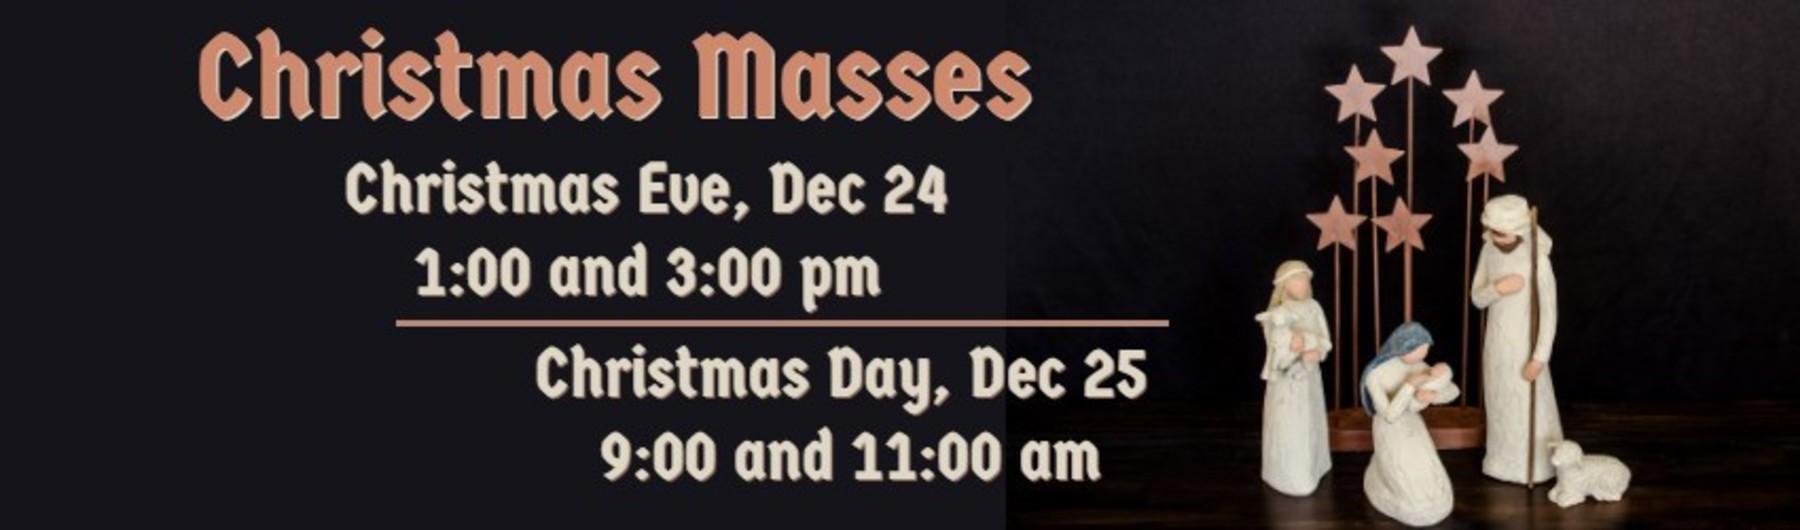 Cmas Masses Rev